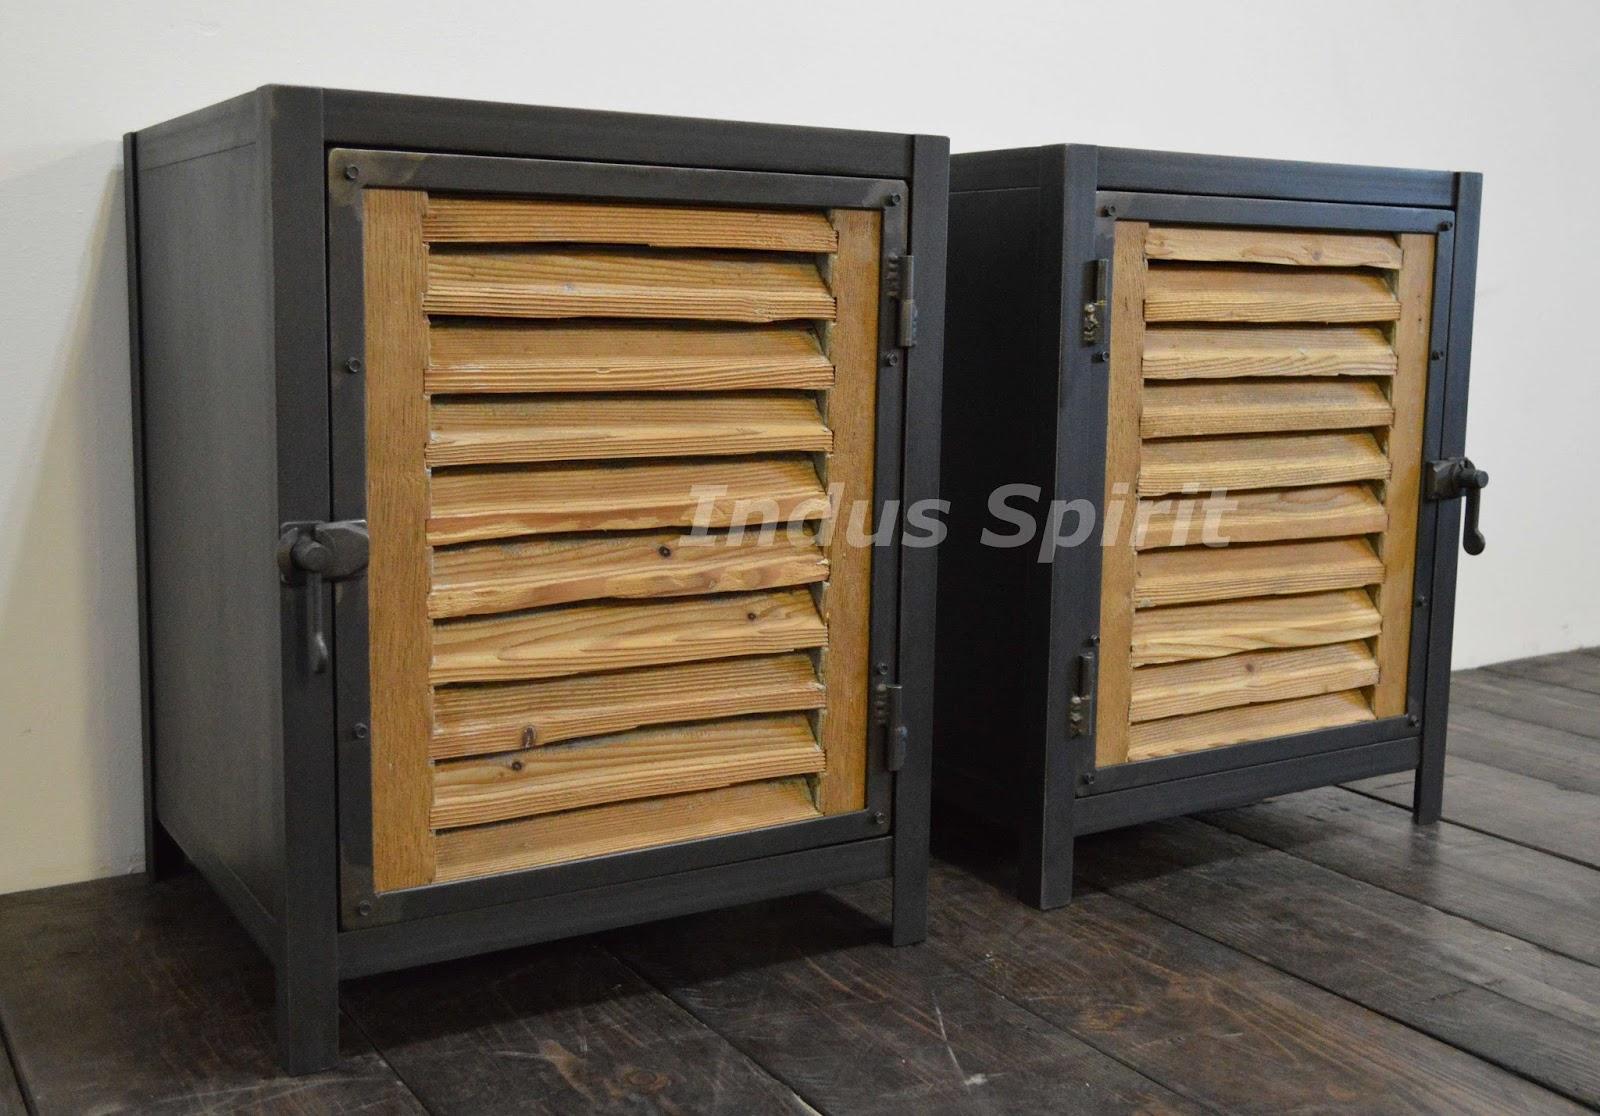 Tables de chevet bois et m tal - Table bois et metal ...